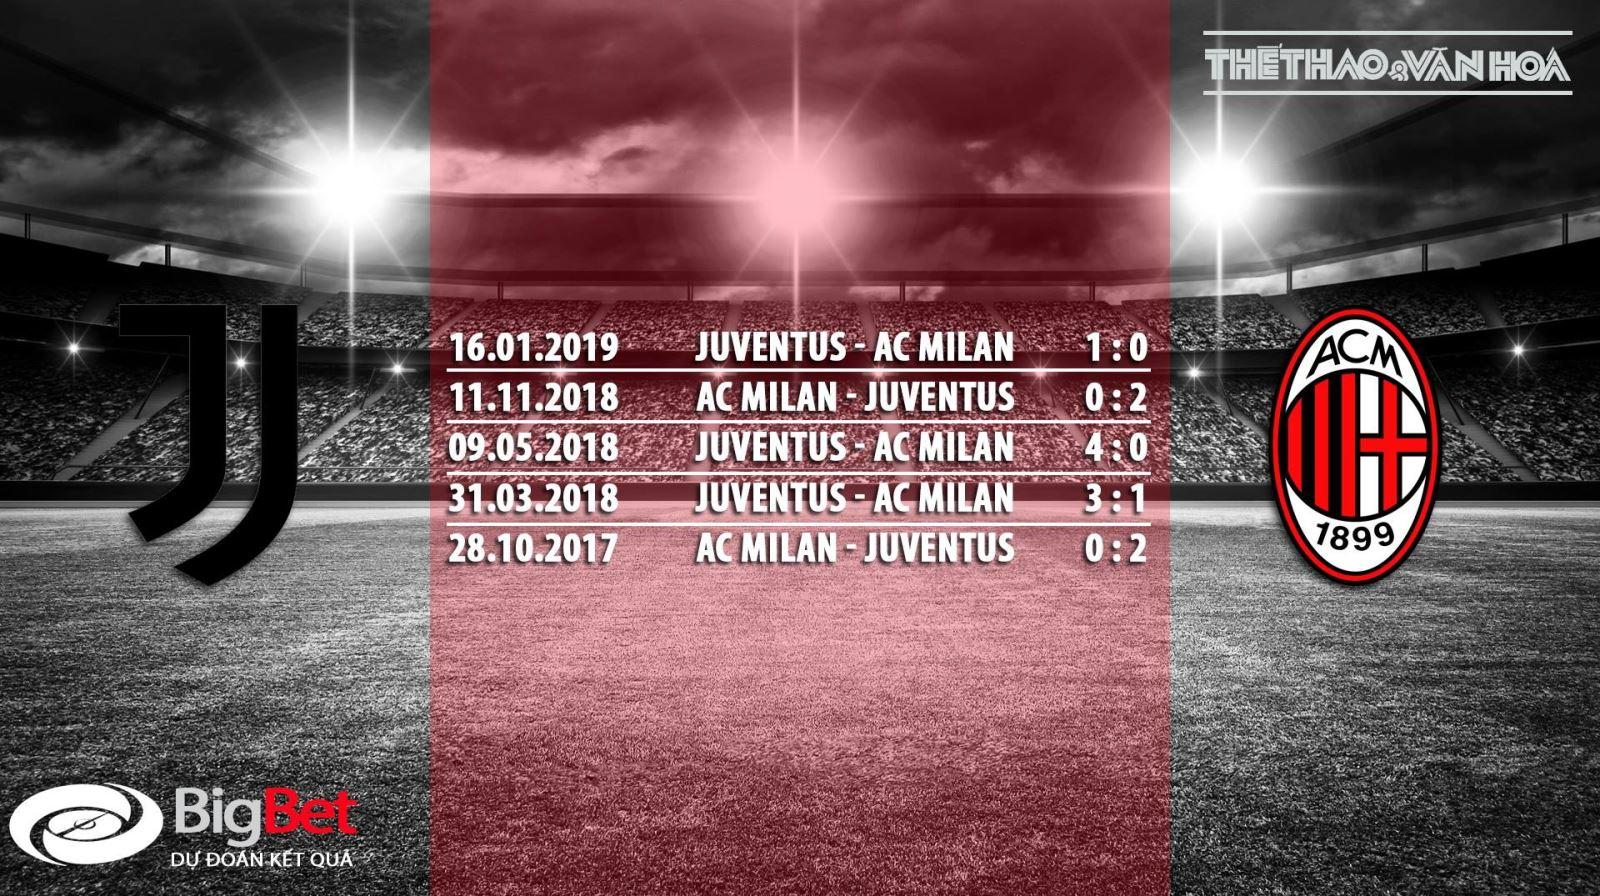 soi kèo juventus vs ac milan, juventus, ac milan, nhận định juventus vs ac milan, trực tiếp bóng đá, trực tiếp juventus vs ac milan